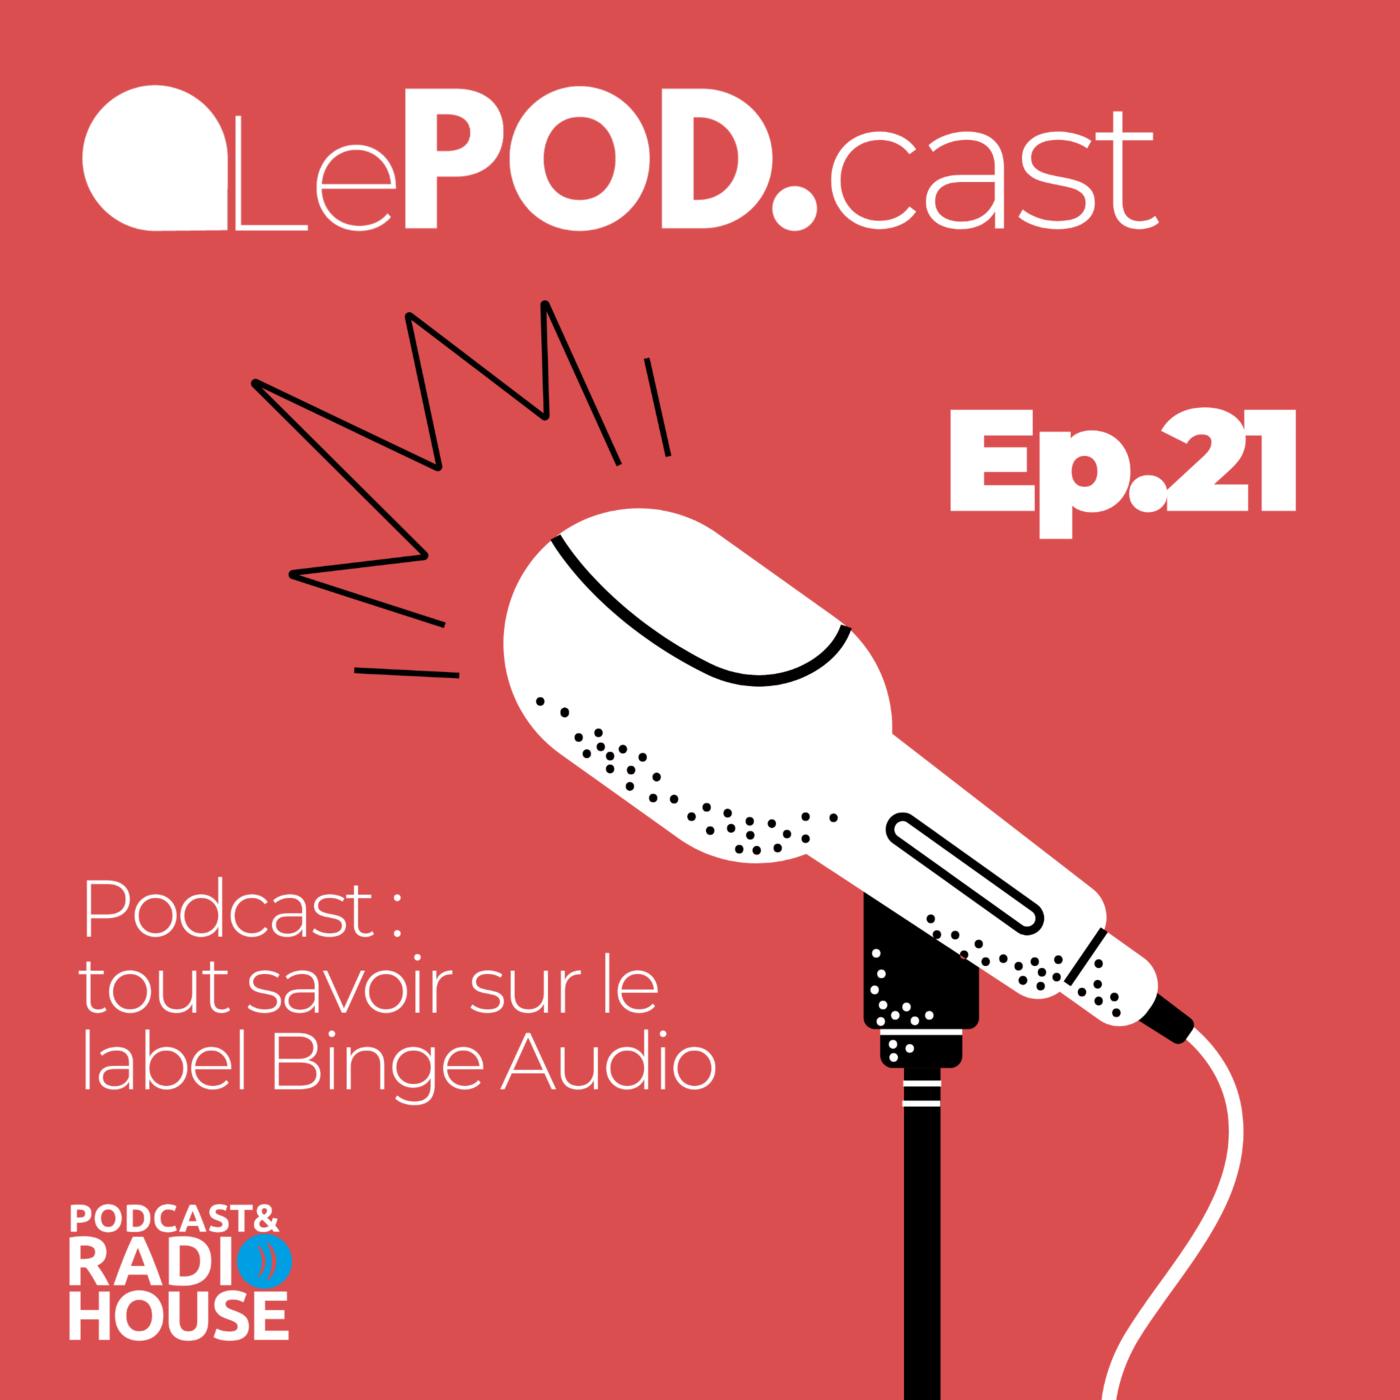 EP.21 - Podcast :  tout savoir  sur le label Binge Audio- Le POD.